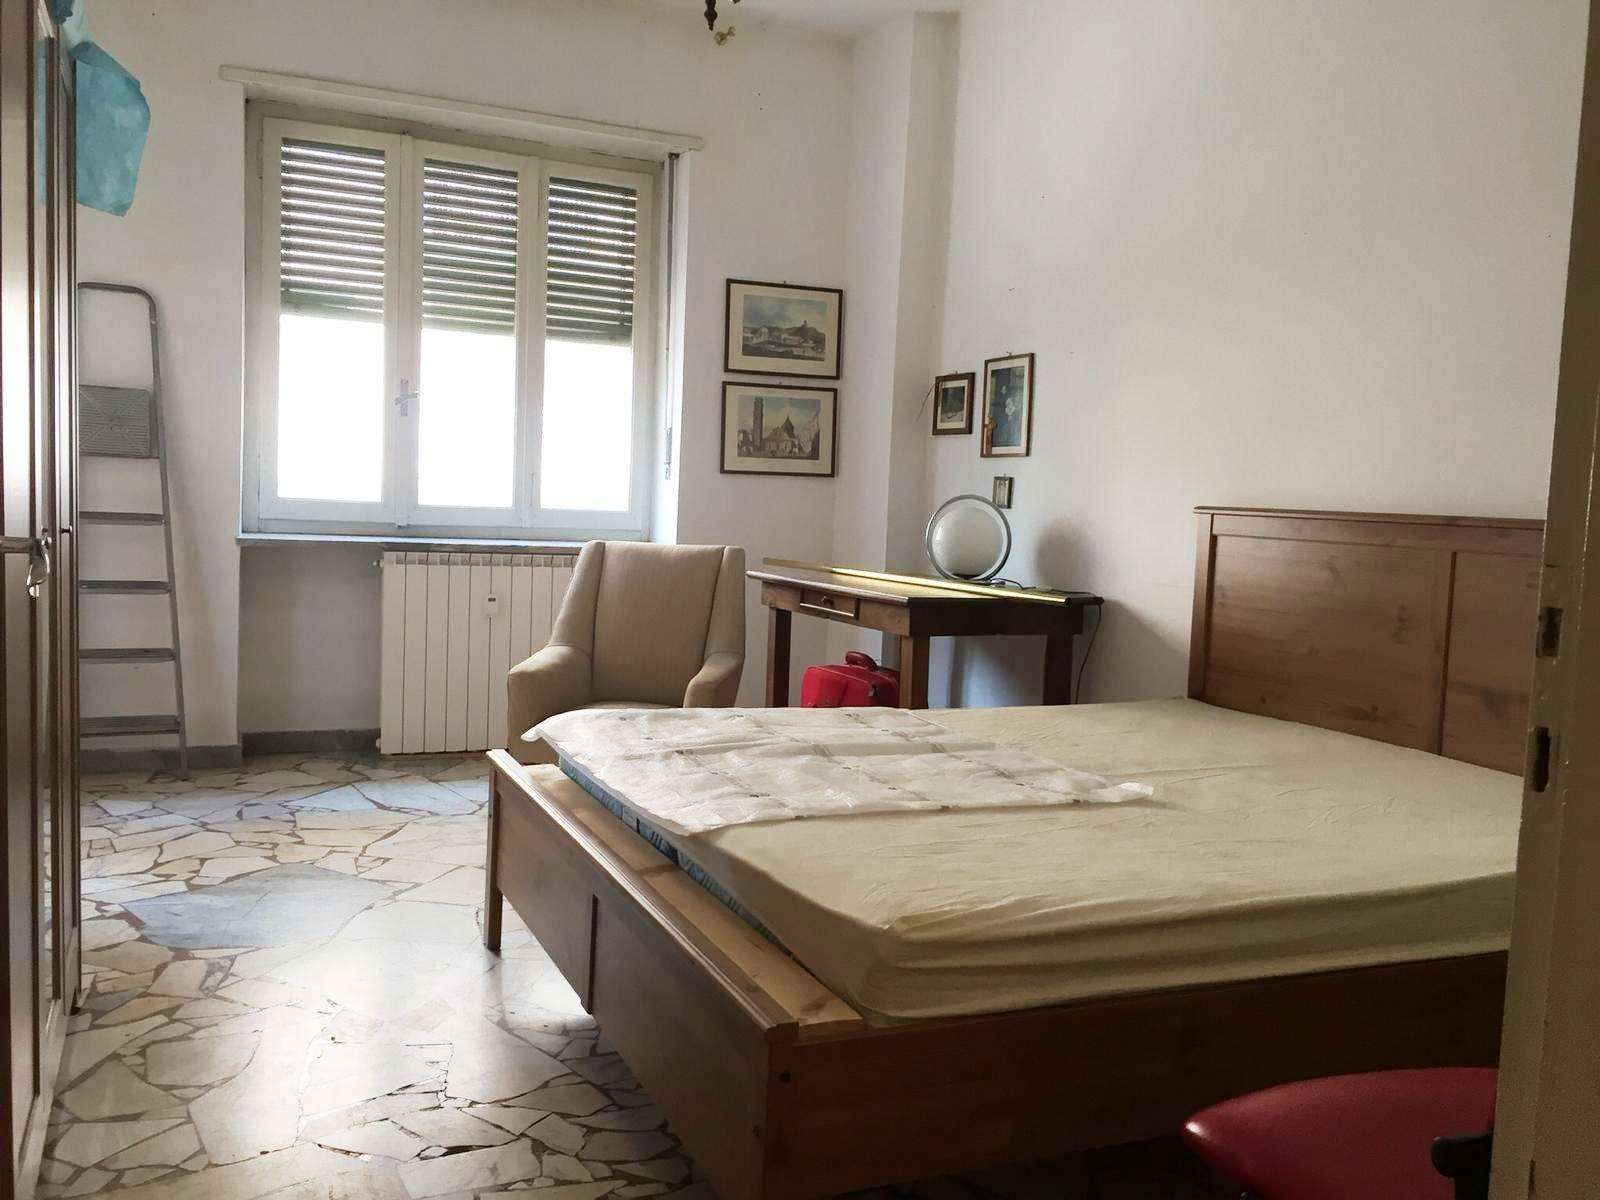 Appartamento in vendita a Rivoli, 2 locali, zona Località: Centro, prezzo € 98.000 | CambioCasa.it